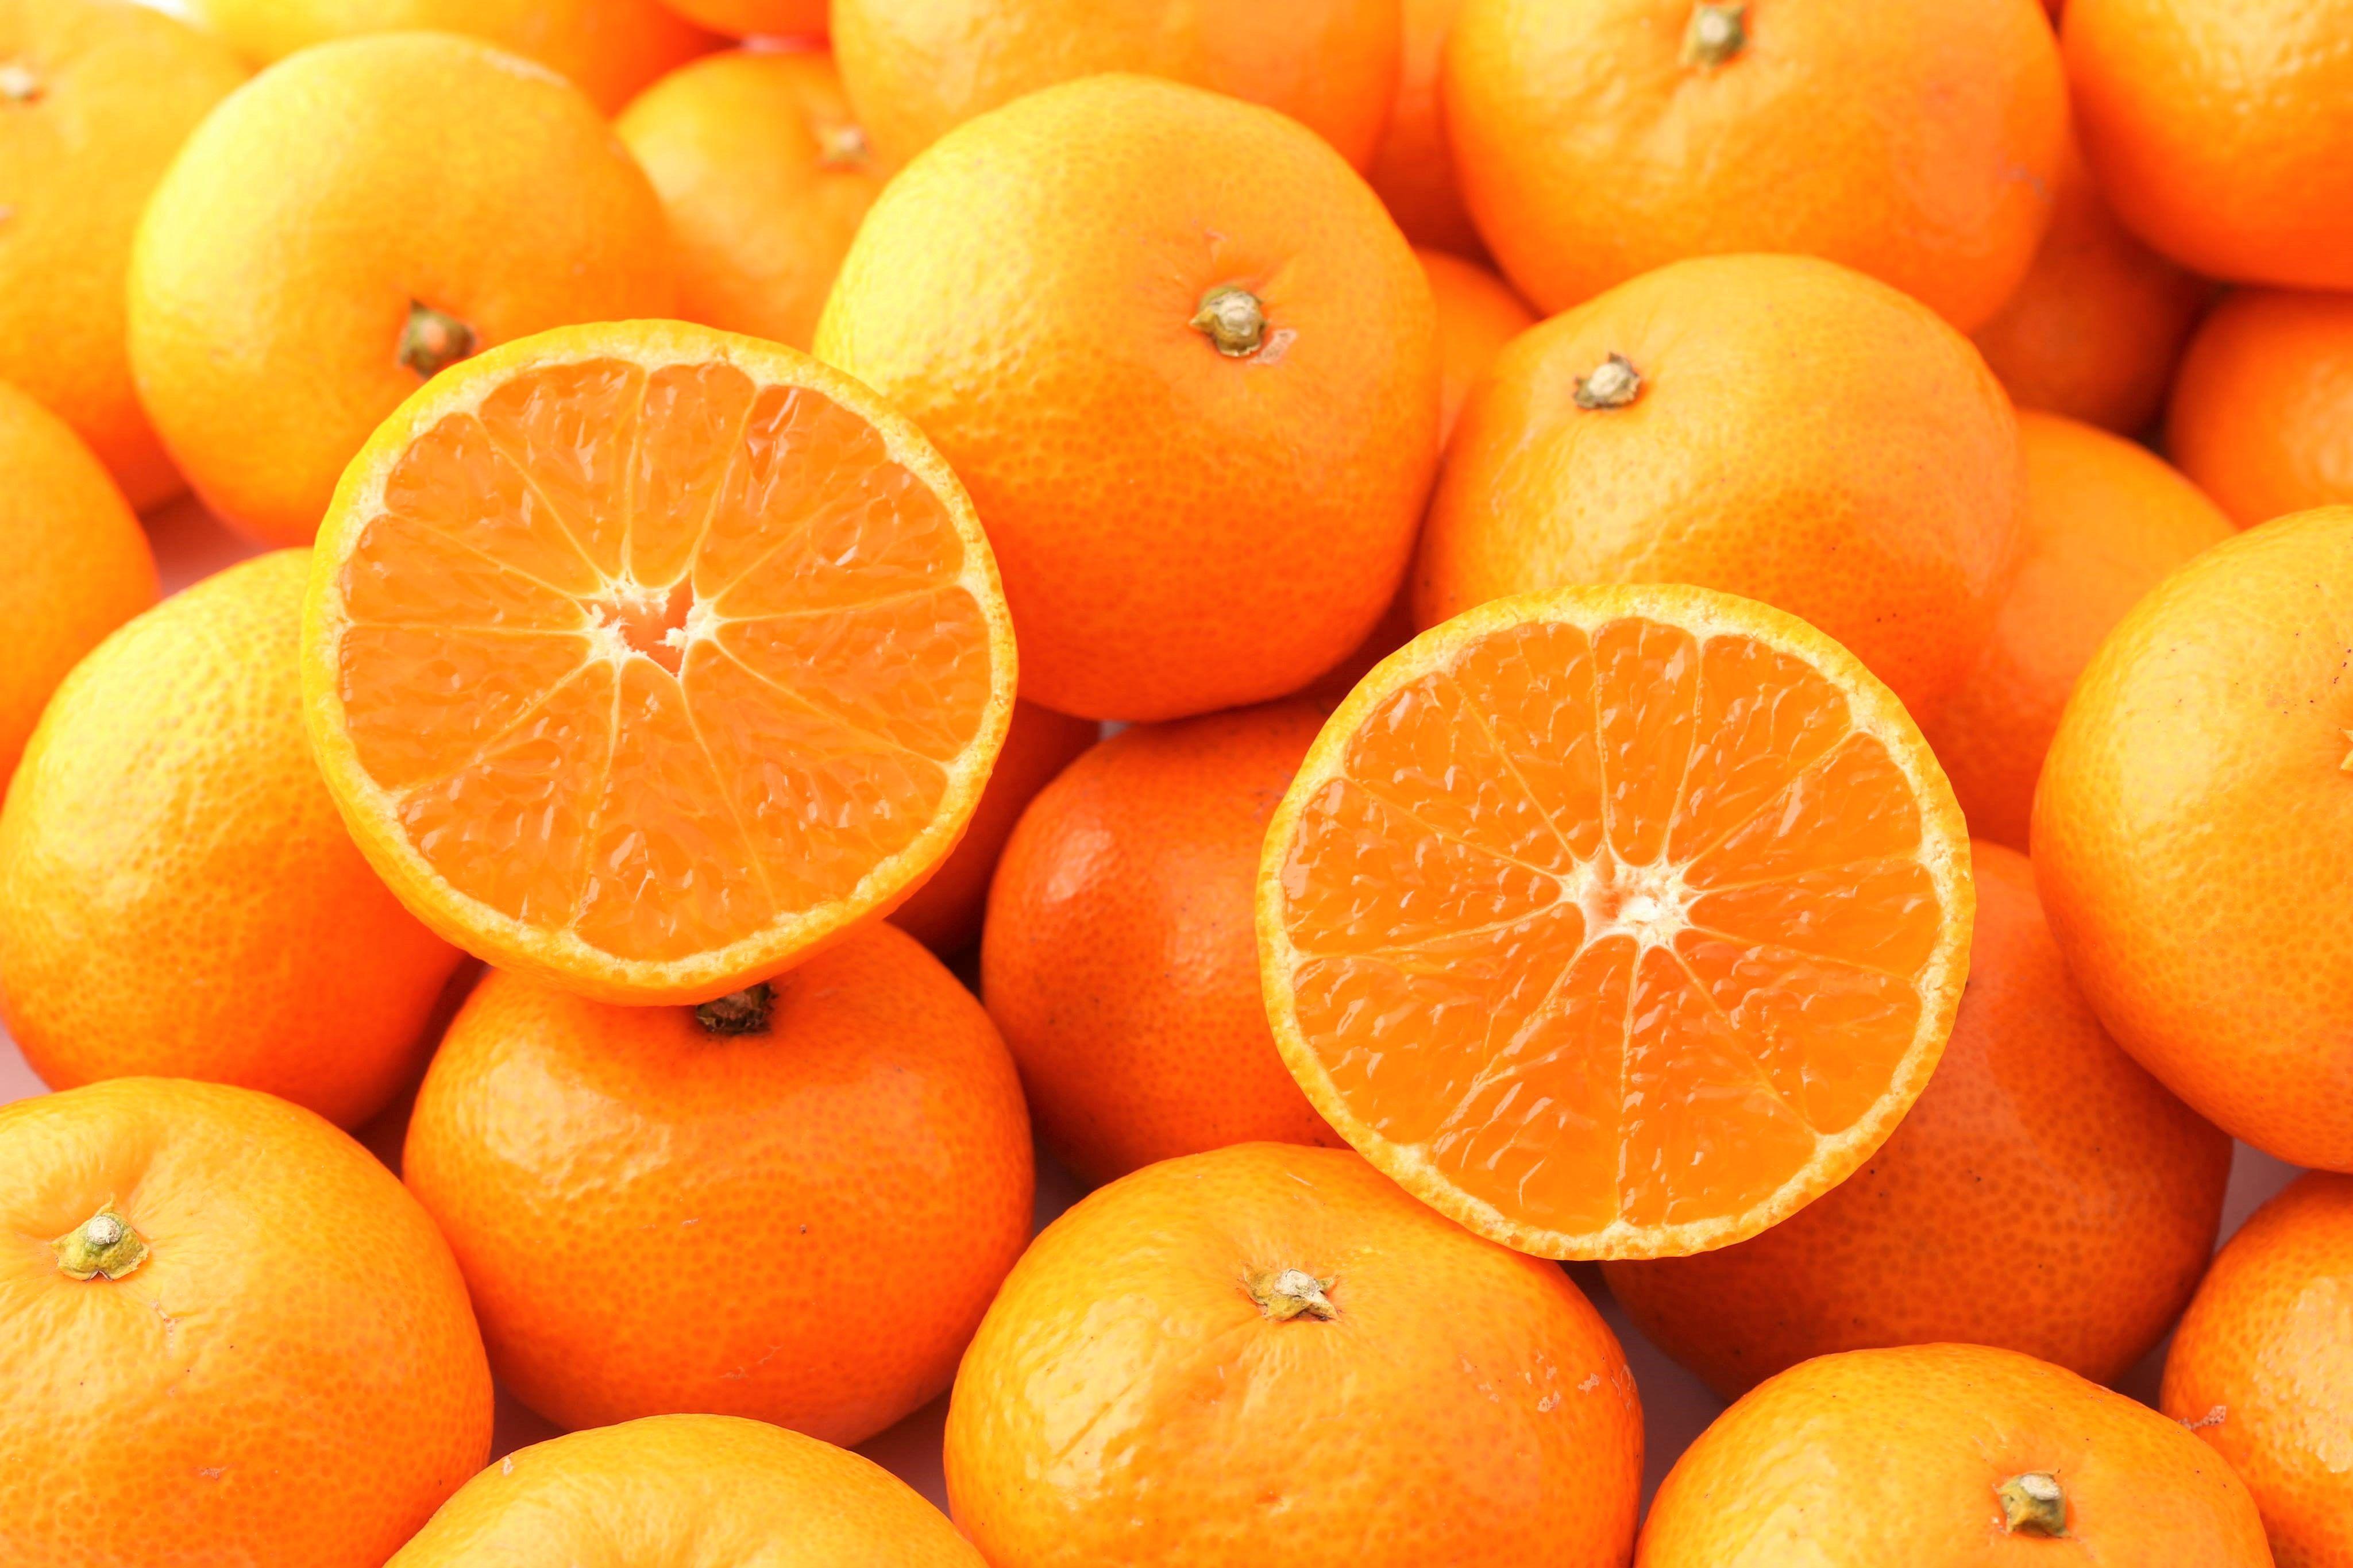 【年度テーマ】柑橘ゼリー「みかんのジャグチ」